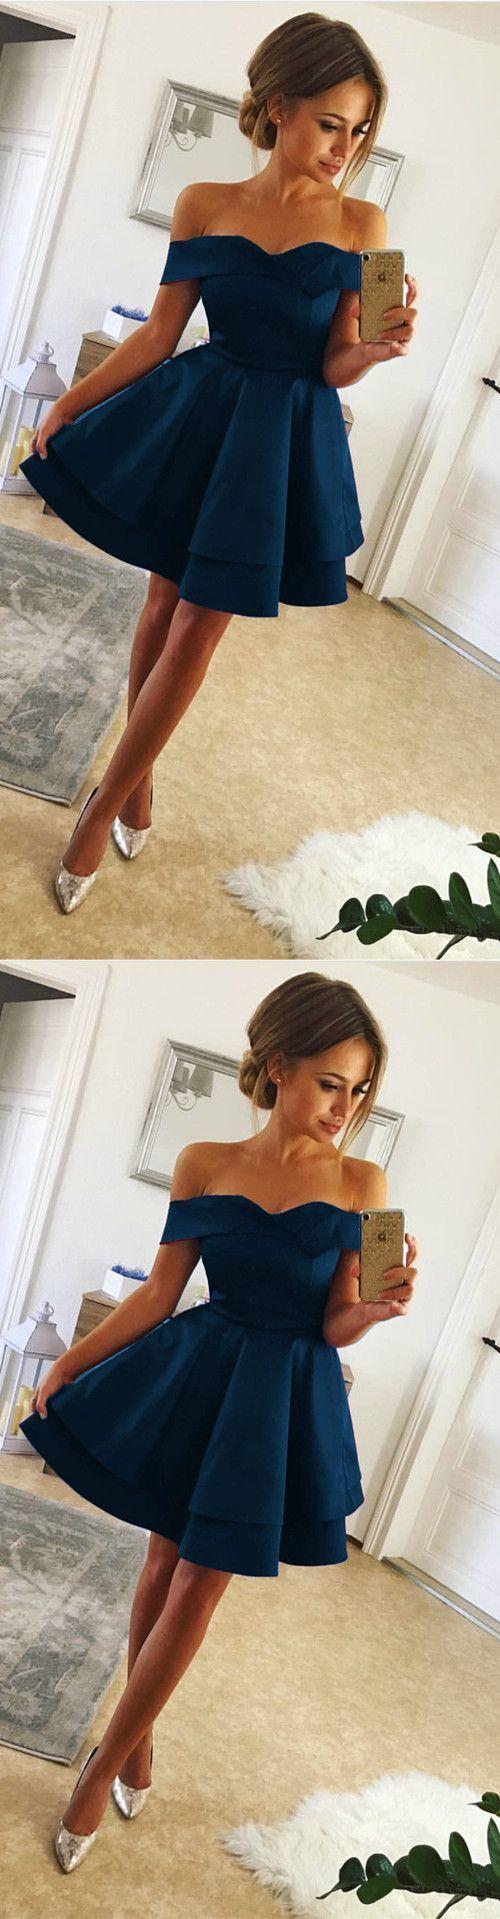 Short Satin V Neck Off-The-Shoulder Homecoming Dresses Navy Blue Prom Cocktail